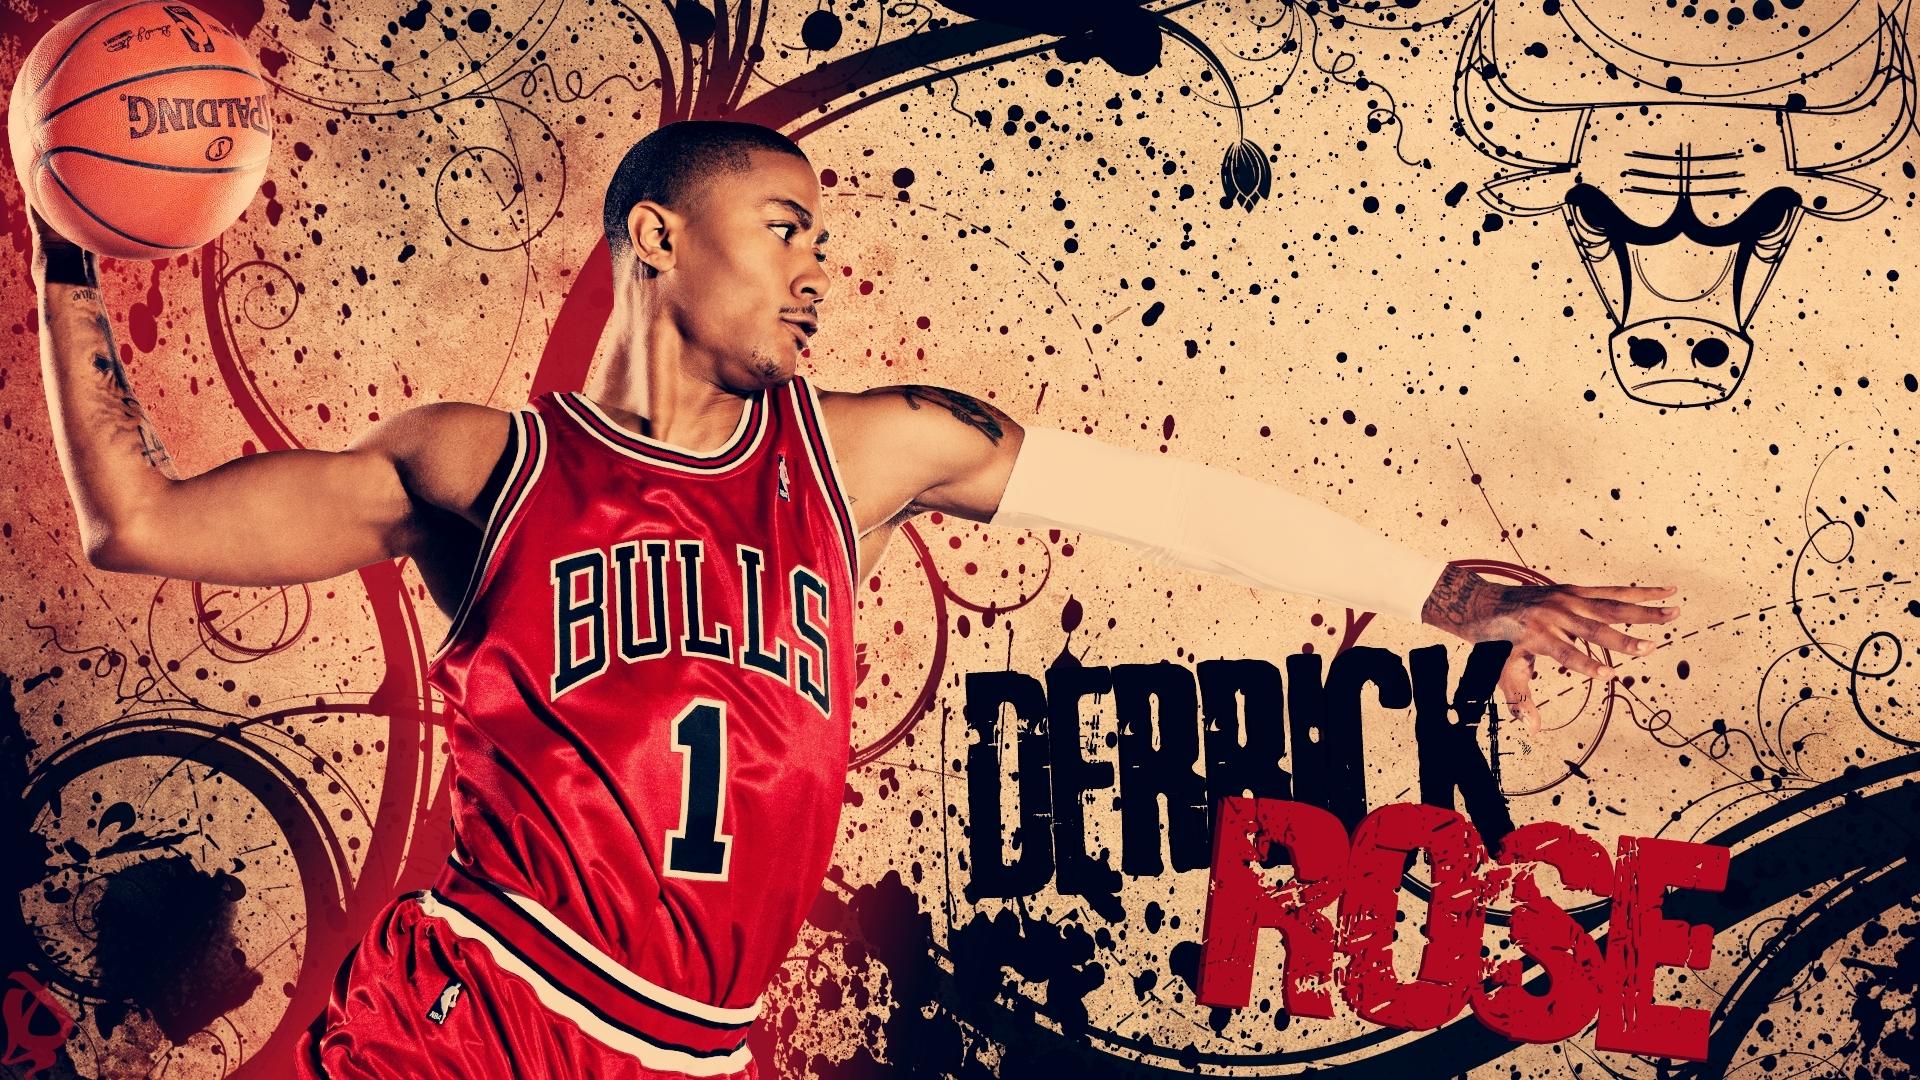 Derrick Rose Bulls Basketball Wallpaper HD 28 Wallpaper with 1920x1080 1920x1080